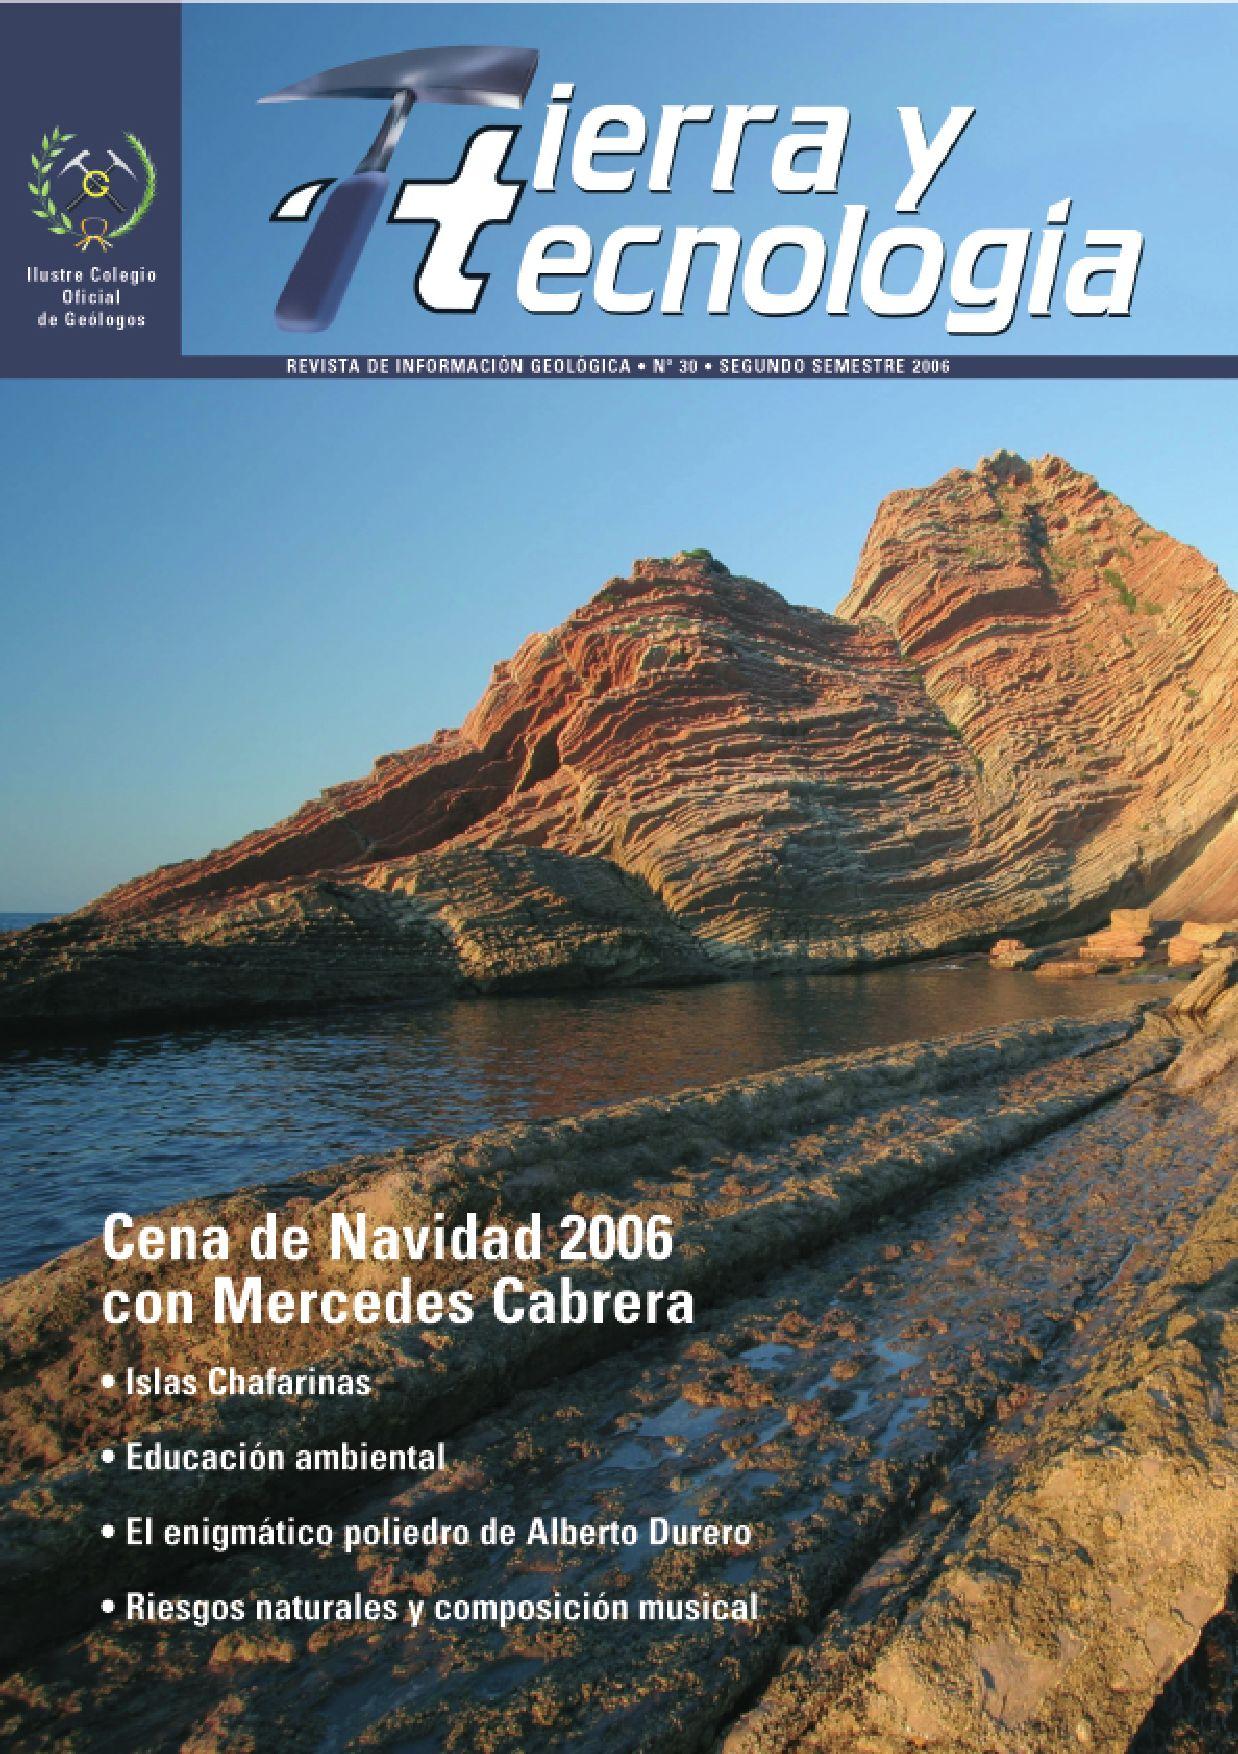 TIERRA Y TECNOLOGÍA Nº 30 by Ilustre Colegio Oficial de Geólogos - issuu